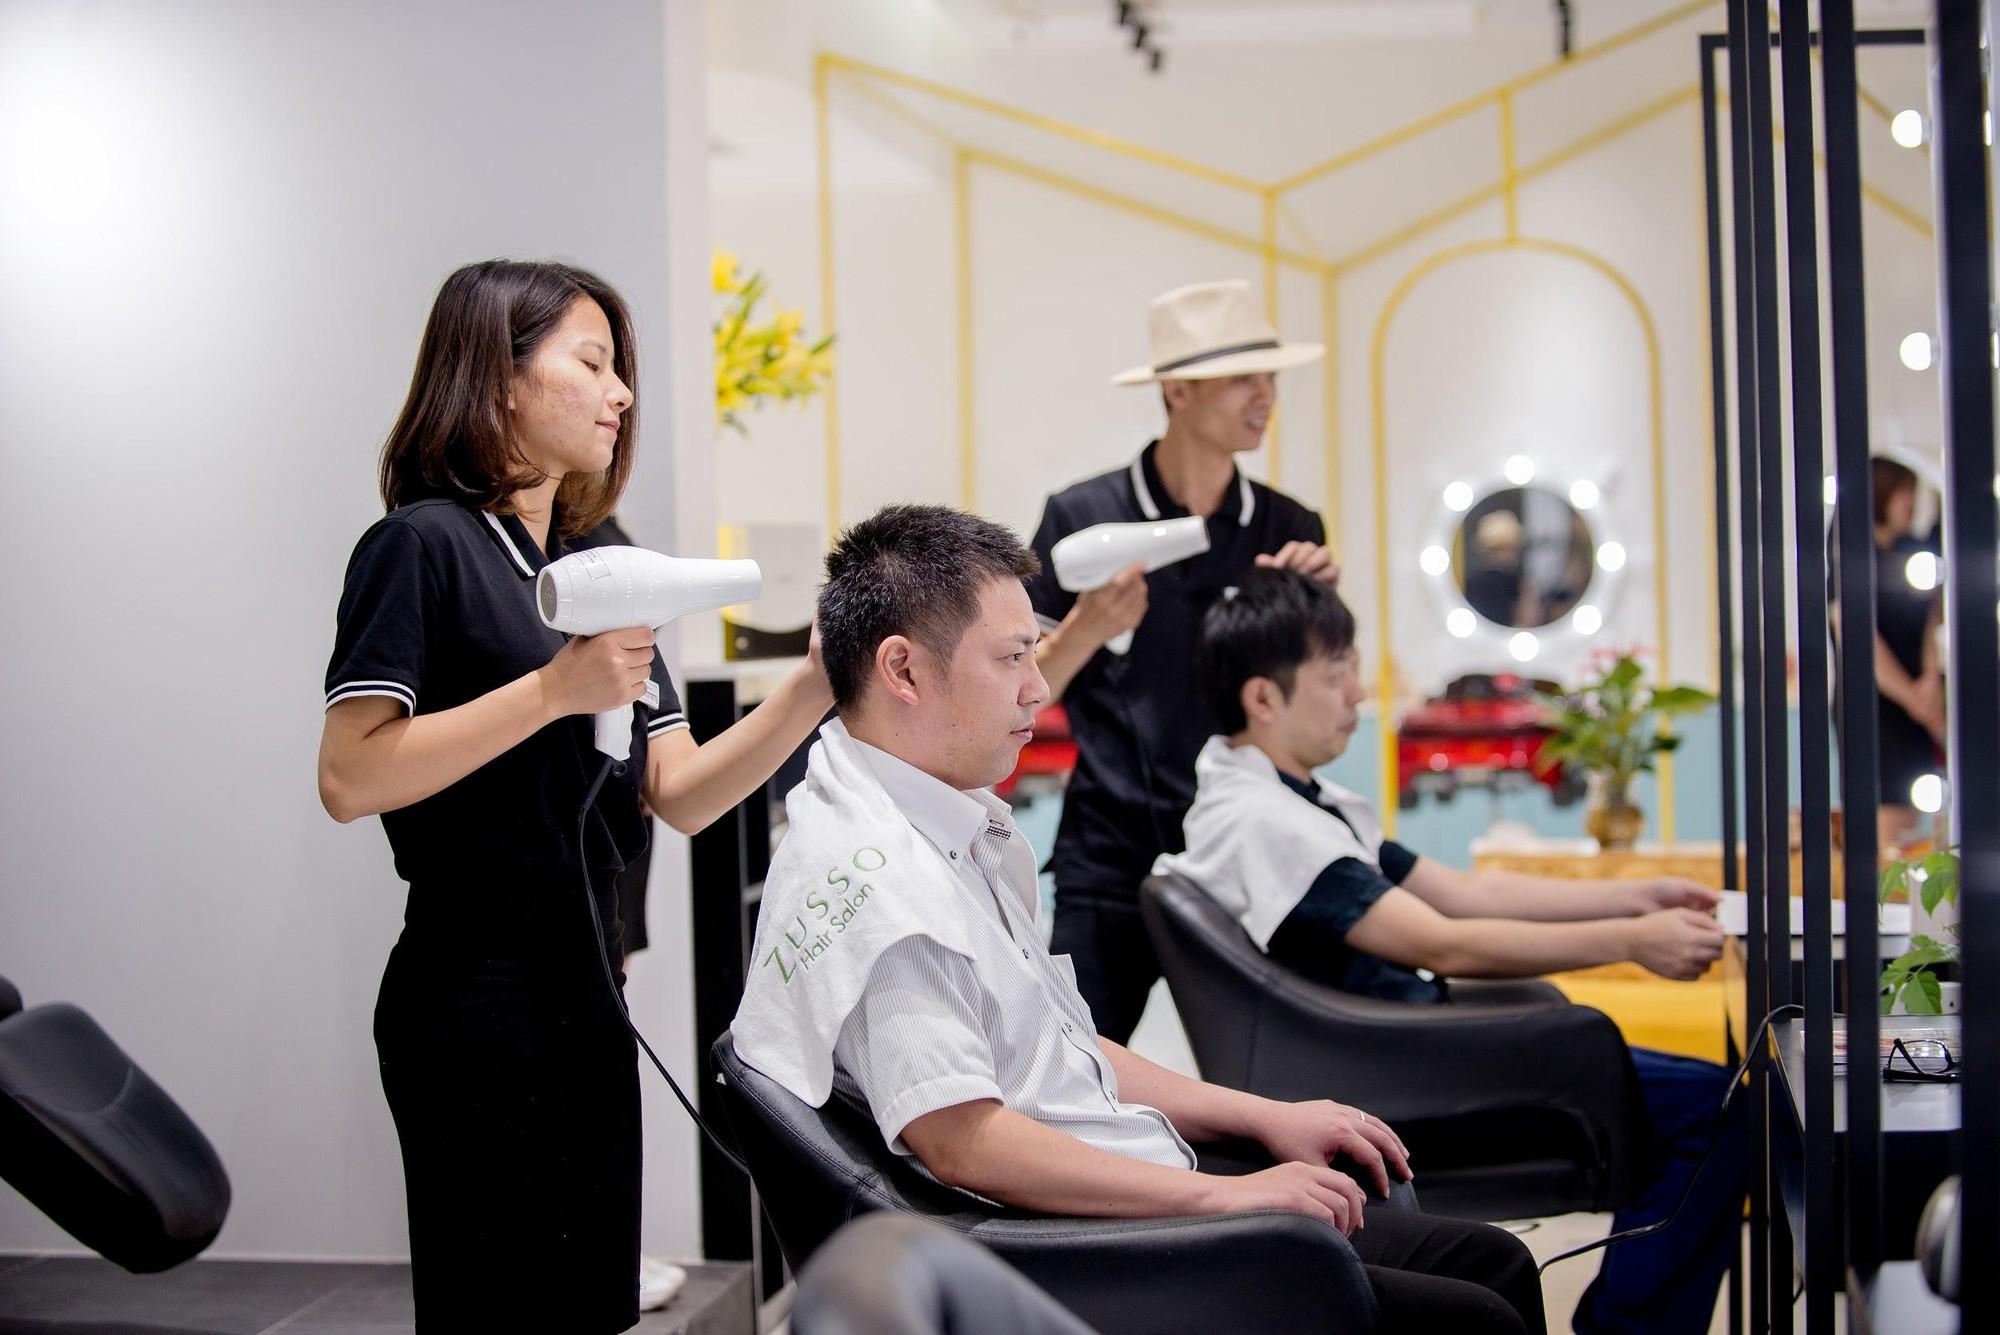 Zusso Hair Salon hút giới trẻ sành điệu Hà thành - Ảnh 4.